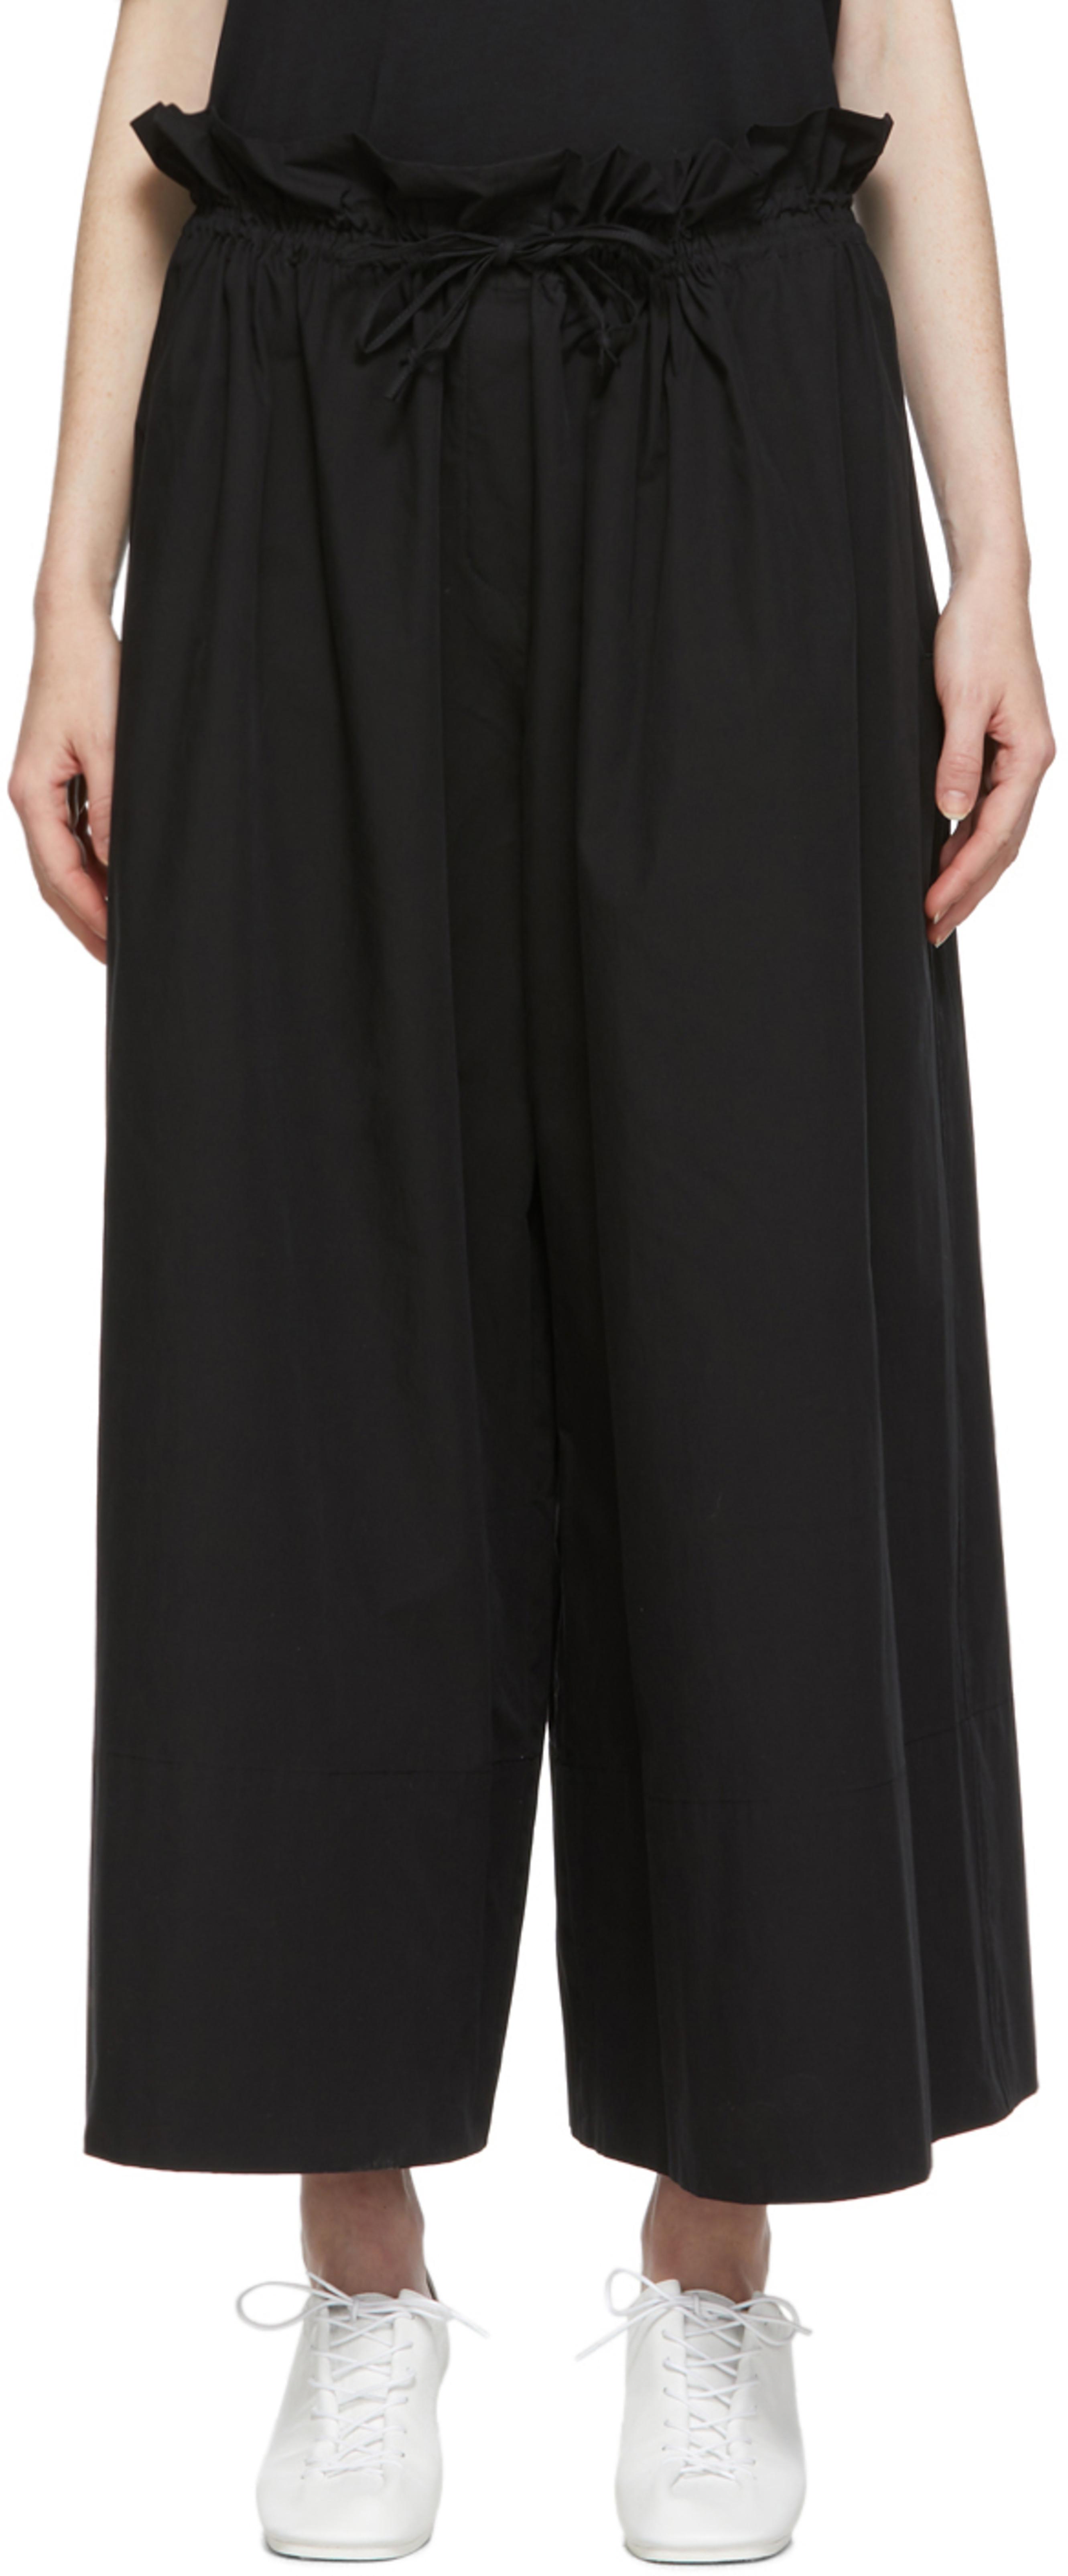 9487679f87 Designer trousers for Women